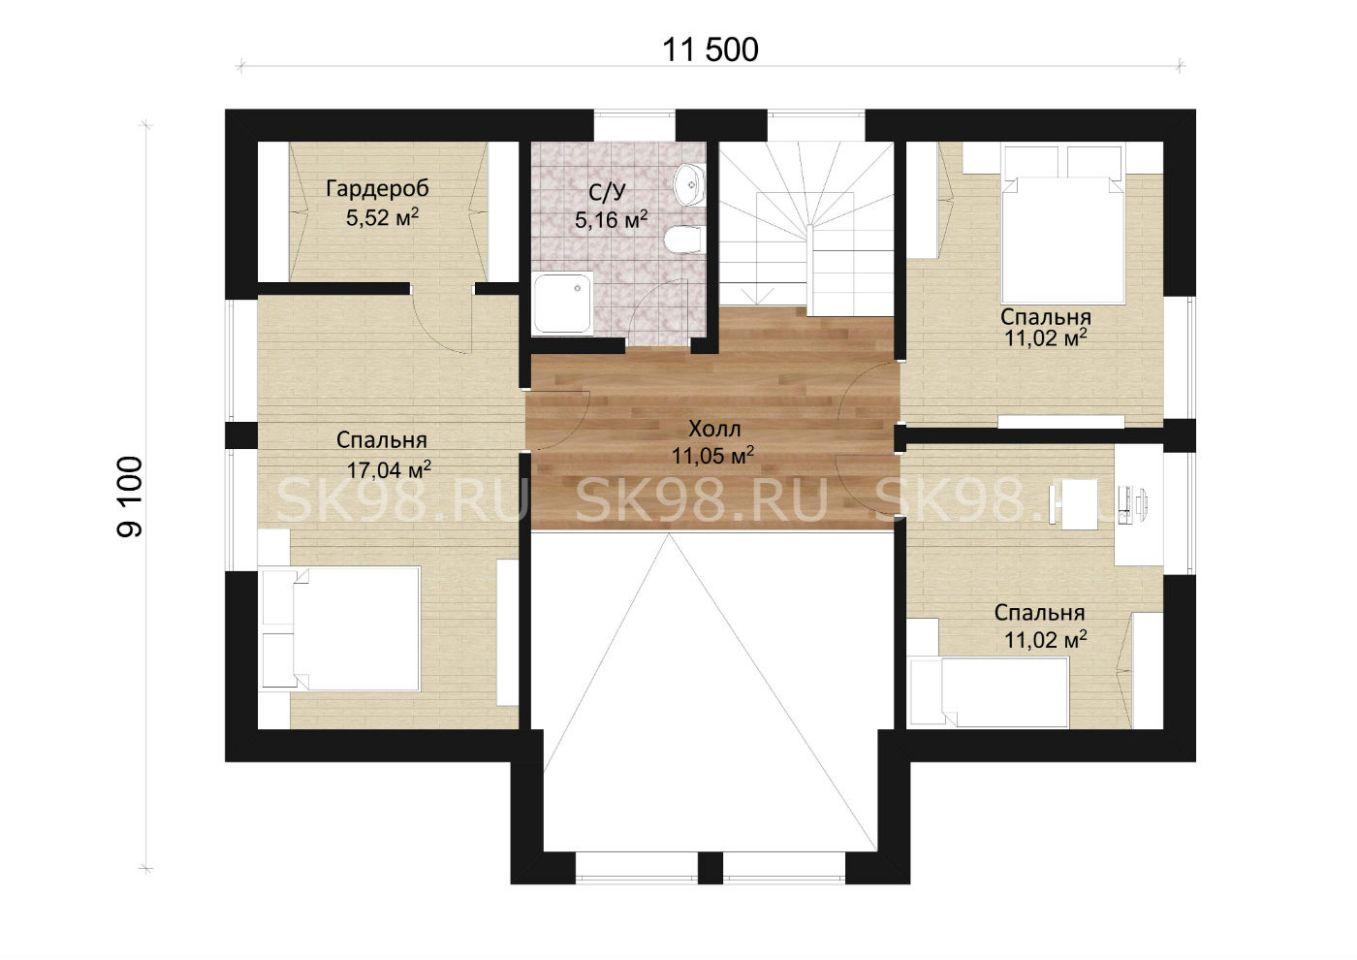 планировка второго этажа двухэтажного дома - 207 м²